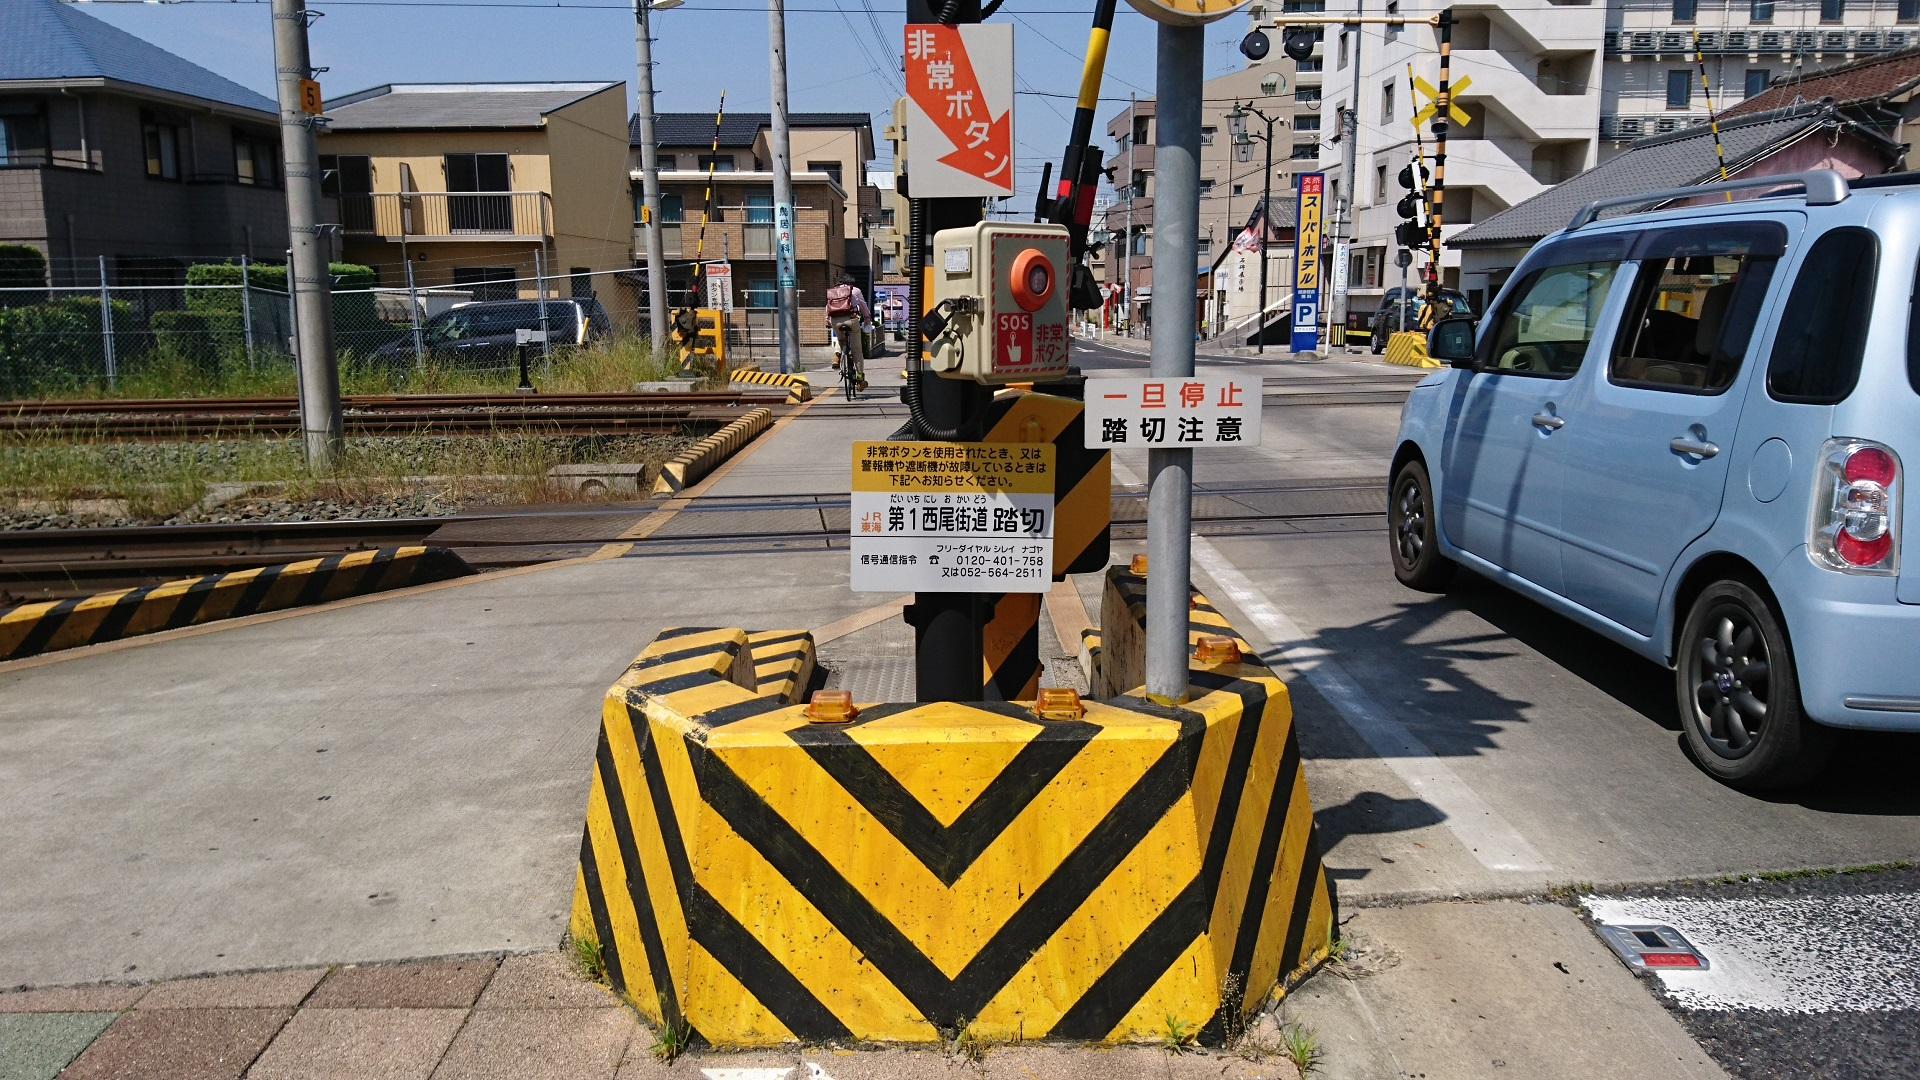 2017.5.22 第1西尾街道ふみきり 1920-1080